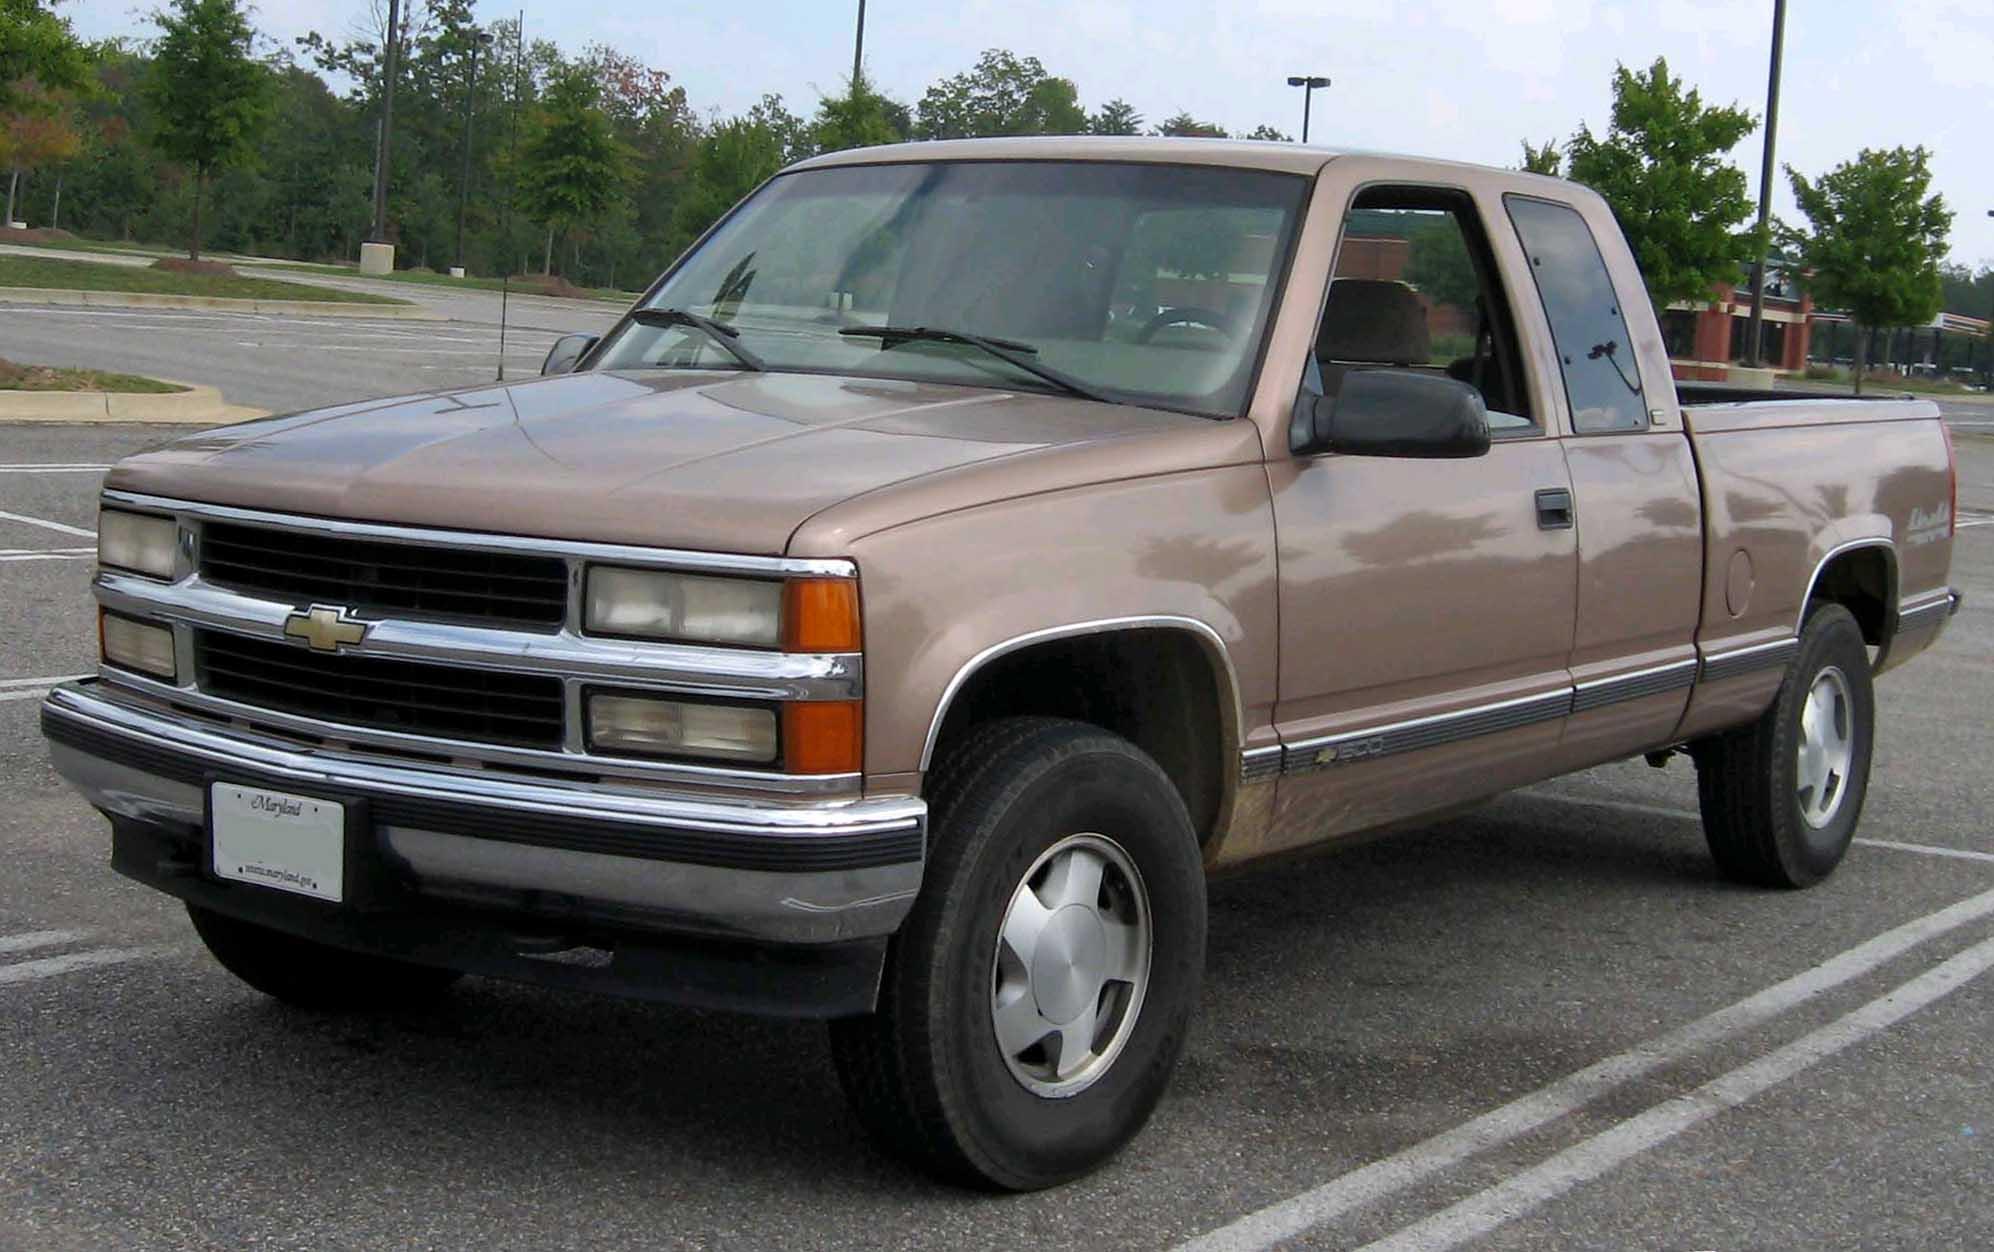 Chevrolet C/K IV (GMT400) 1988 - 2000 Pickup #3